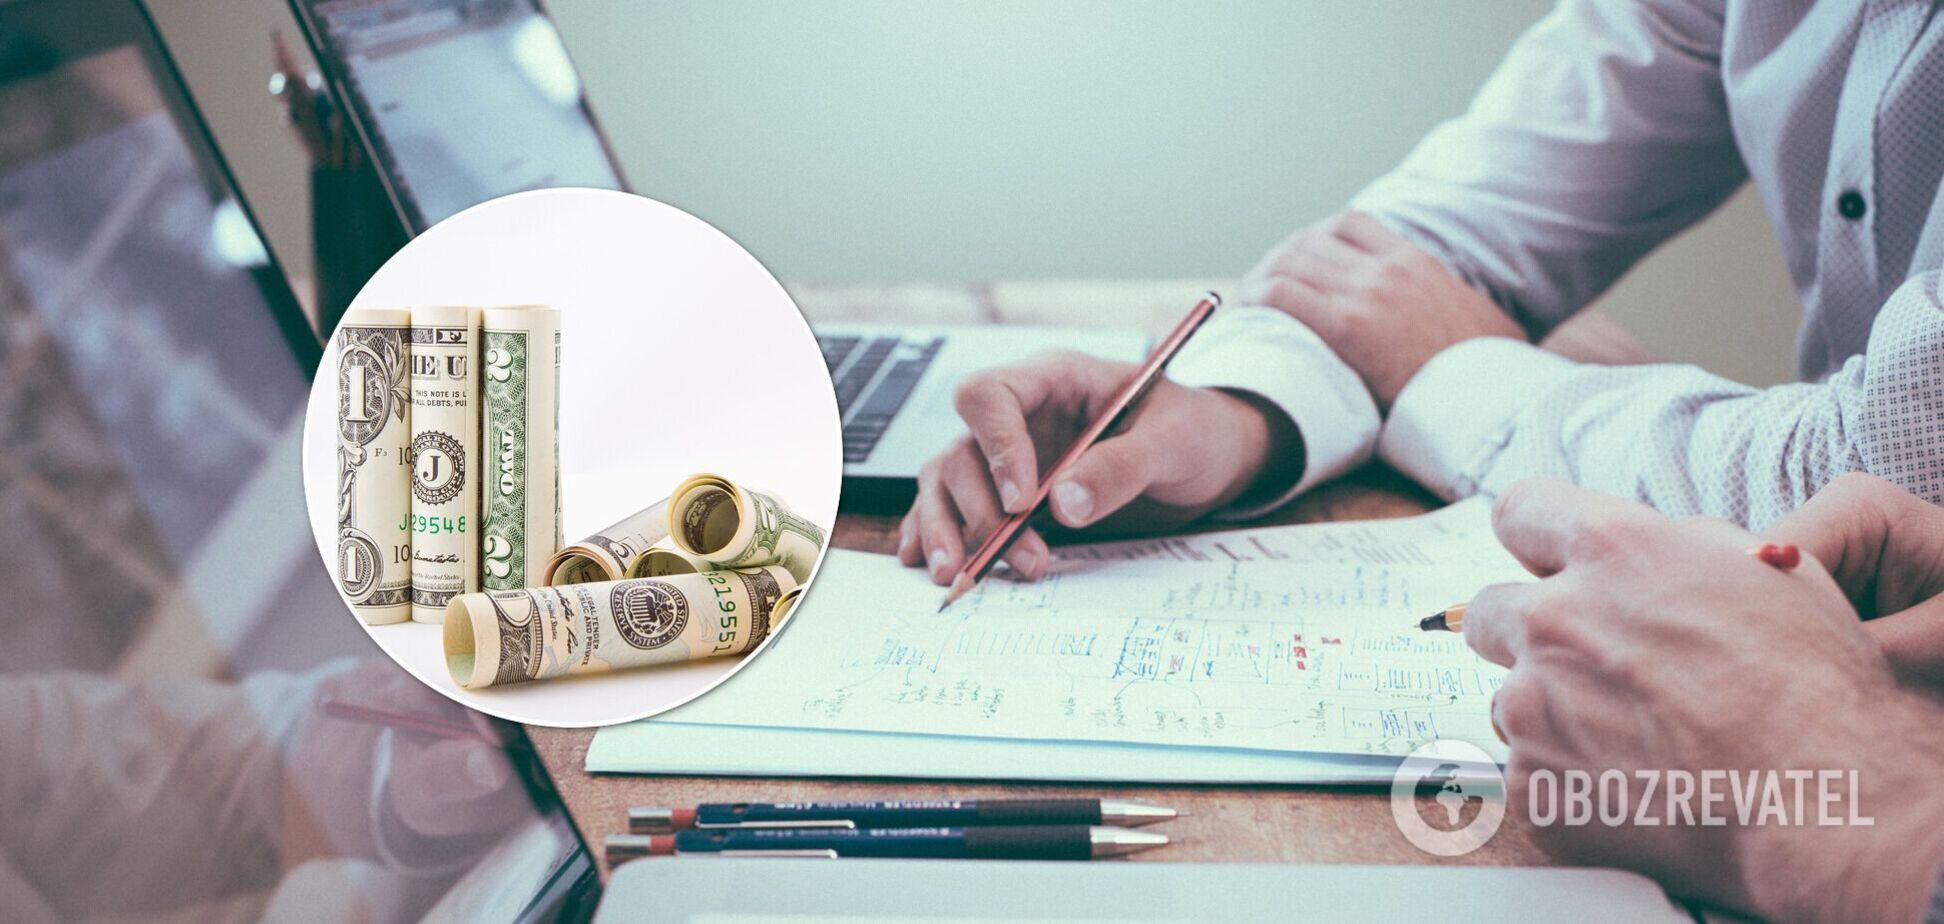 День бухгалтера в Україні відзначається 16 липня